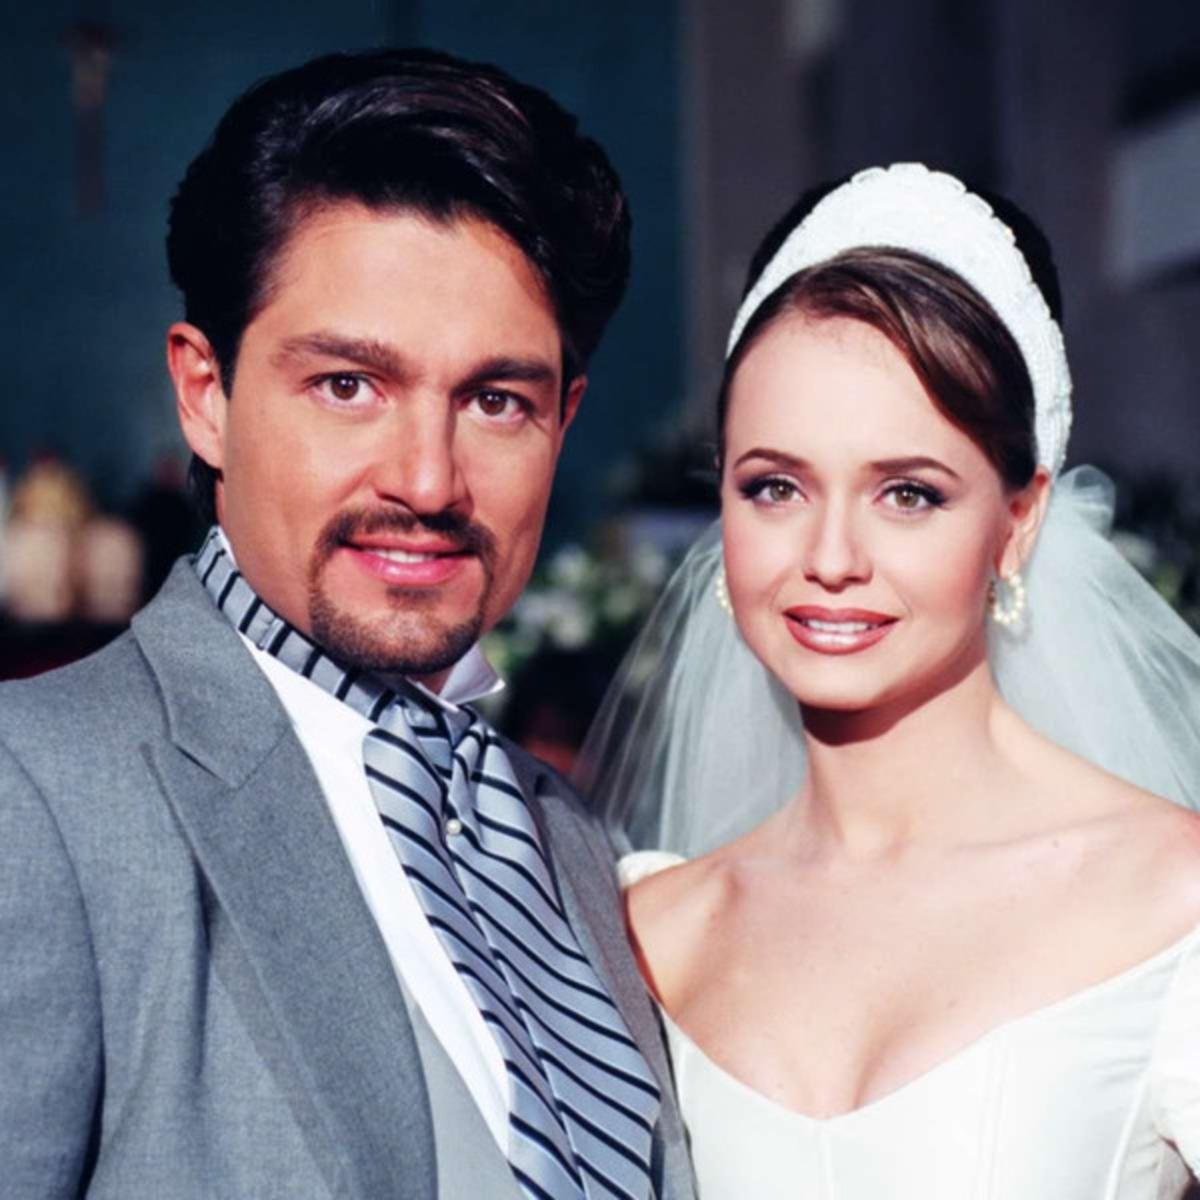 Las 10 bodas de telenovelas más insólitas que hemos visto - E! Online  Latino - CO